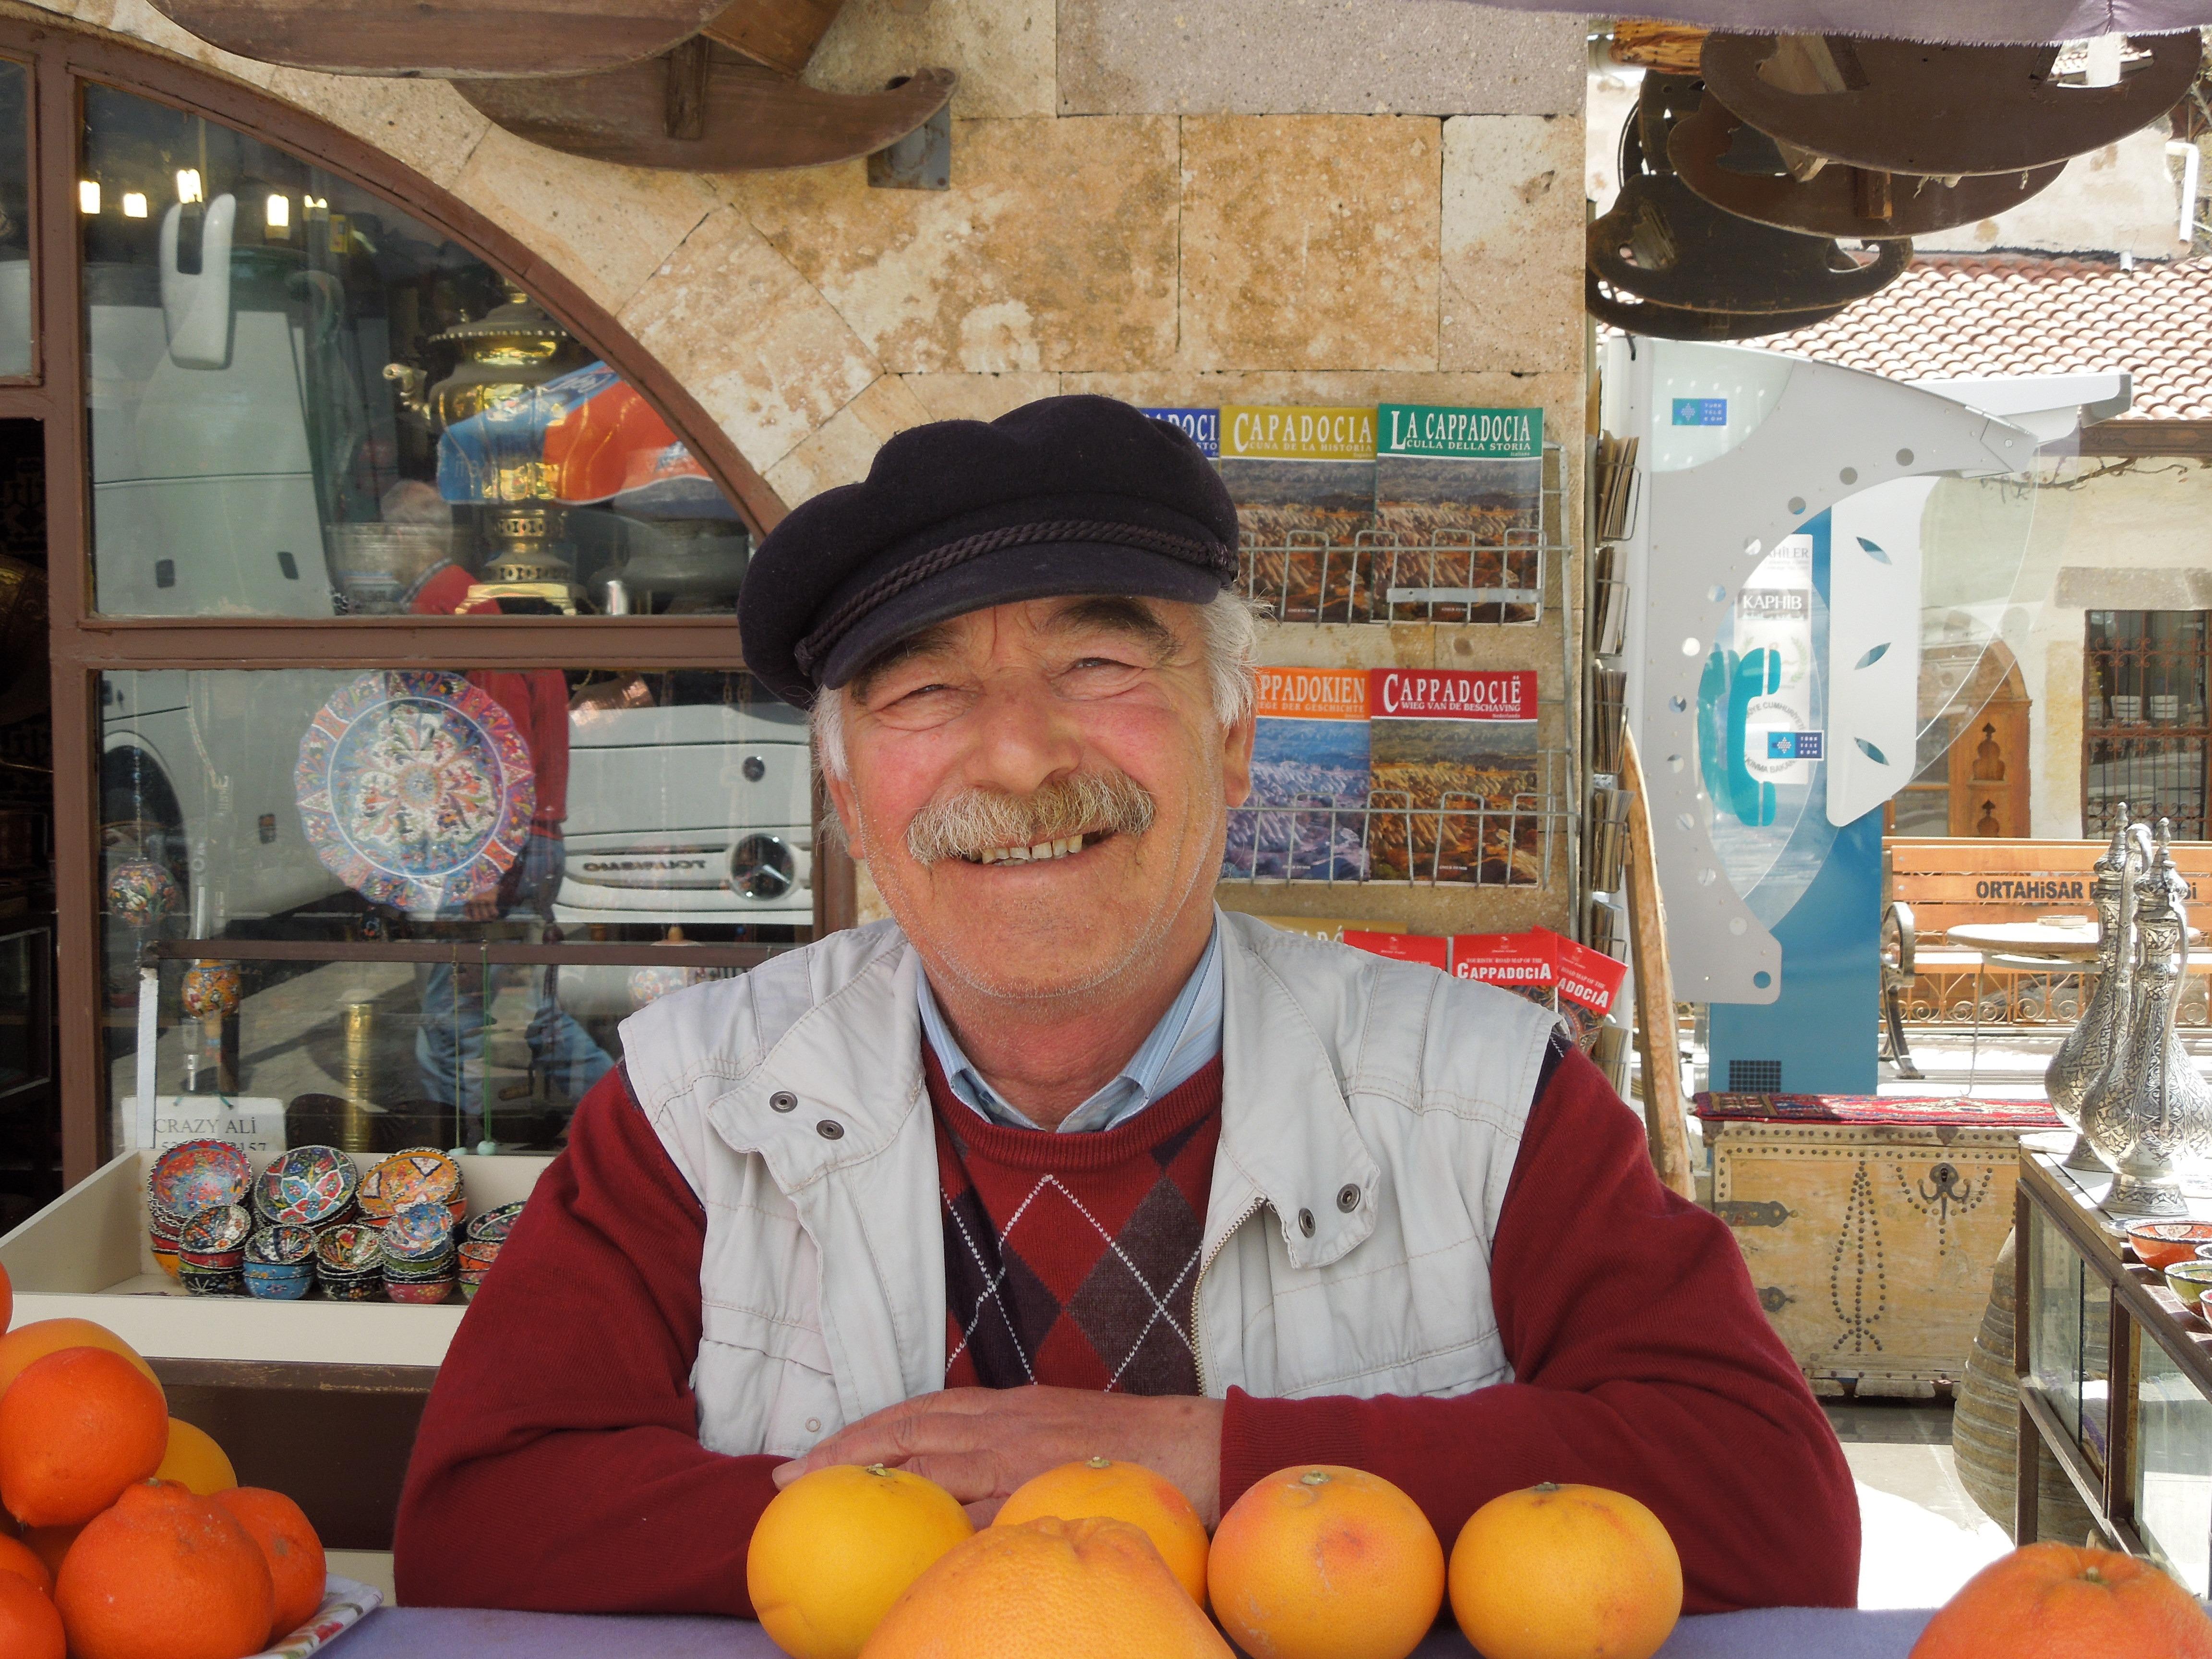 самом деле пожилой мужчина продает ягоды фото картинки религии идут дальше